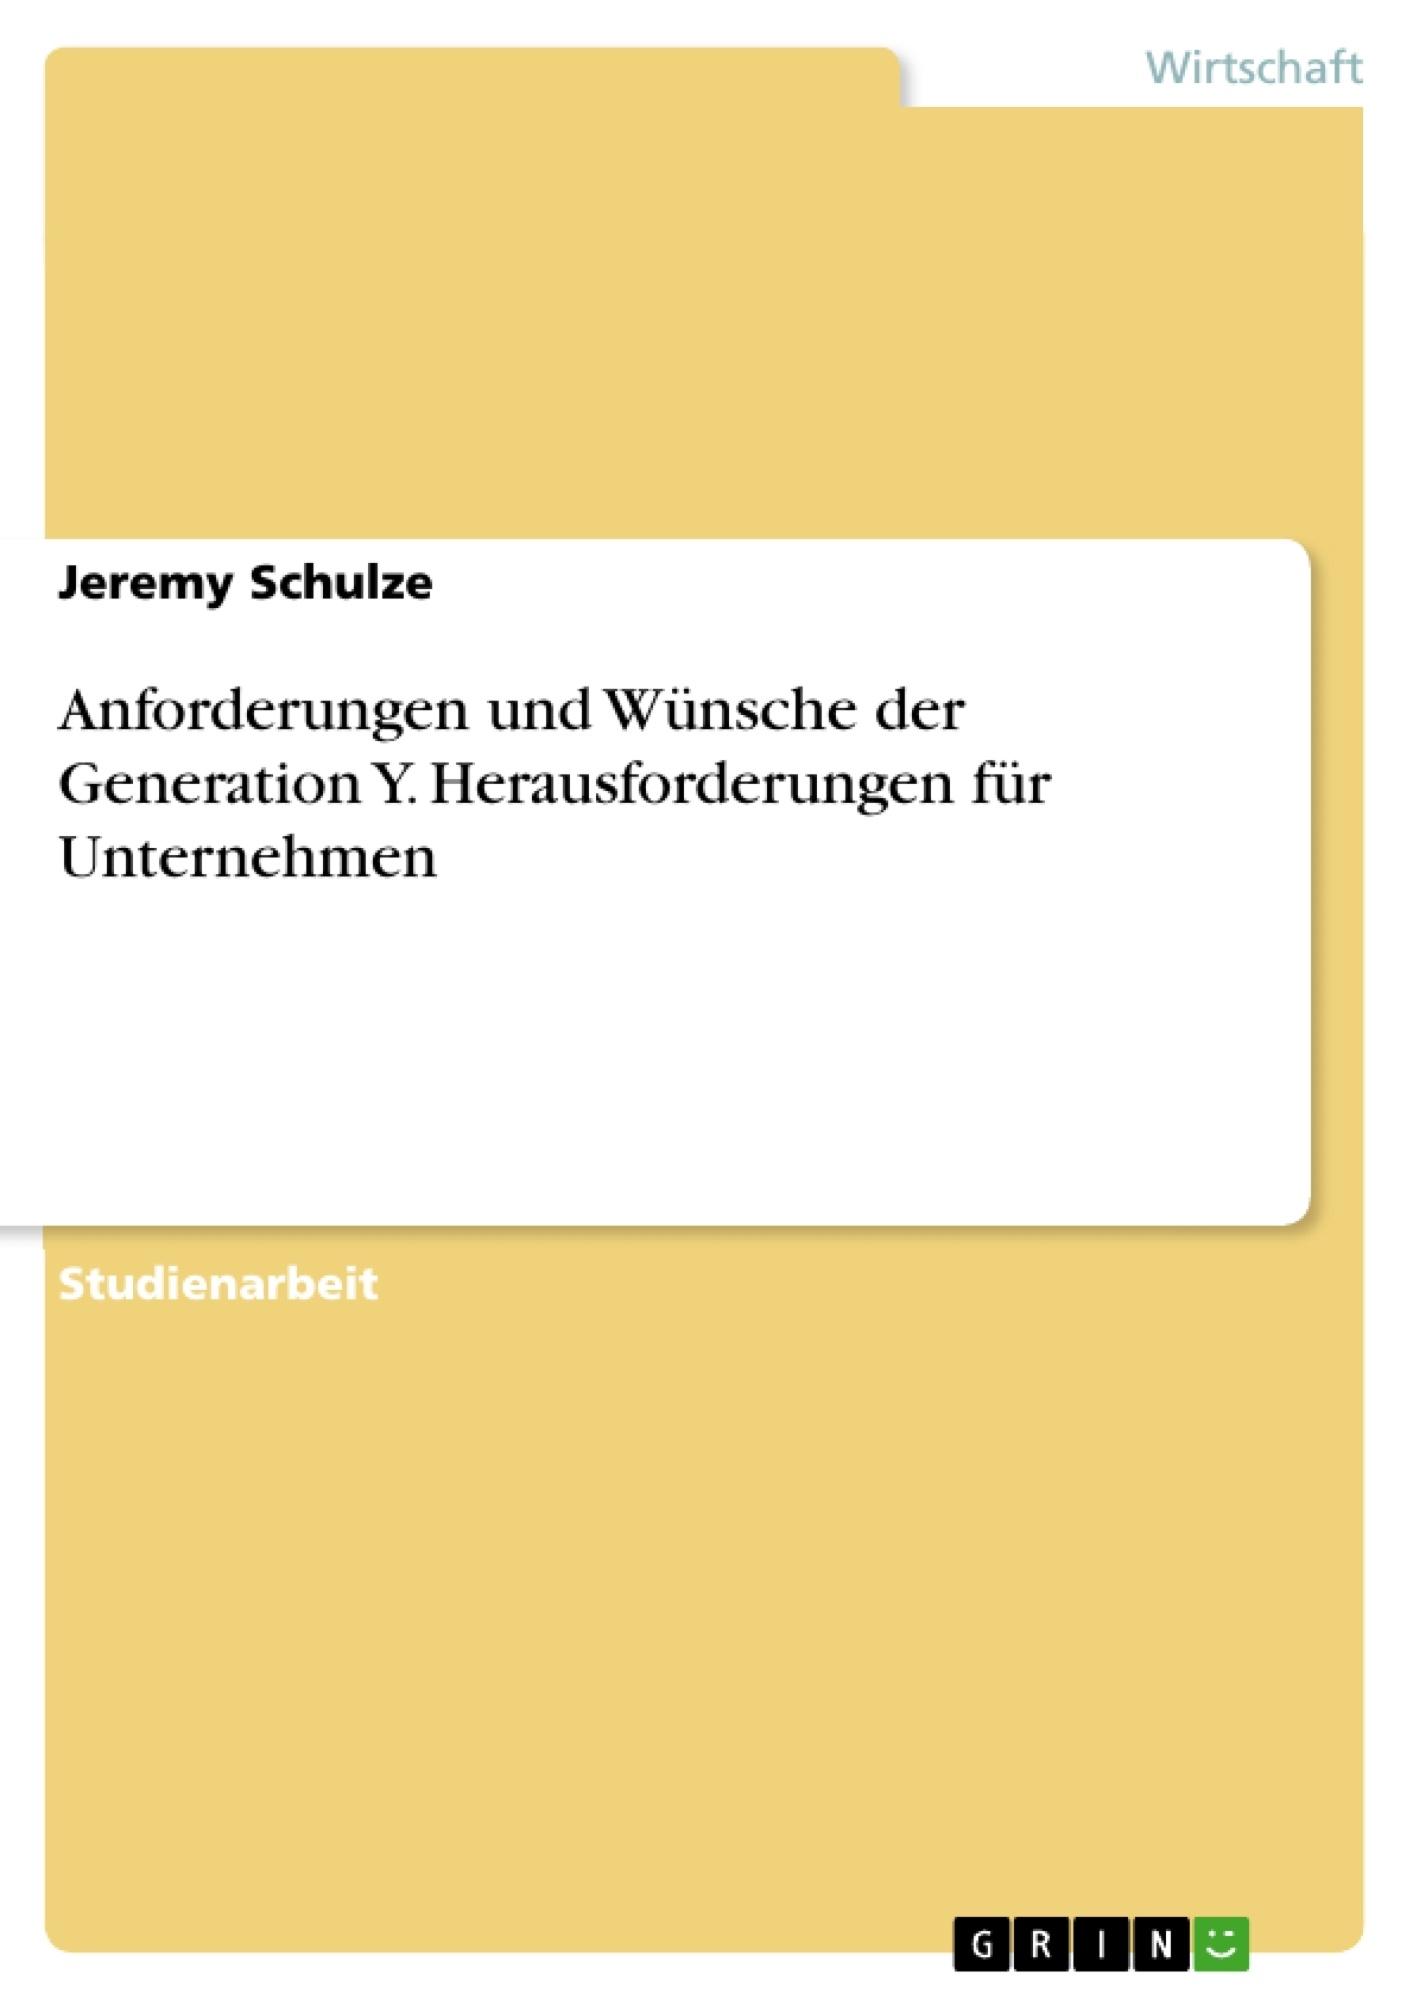 Titel: Anforderungen und Wünsche der Generation Y. Herausforderungen für Unternehmen